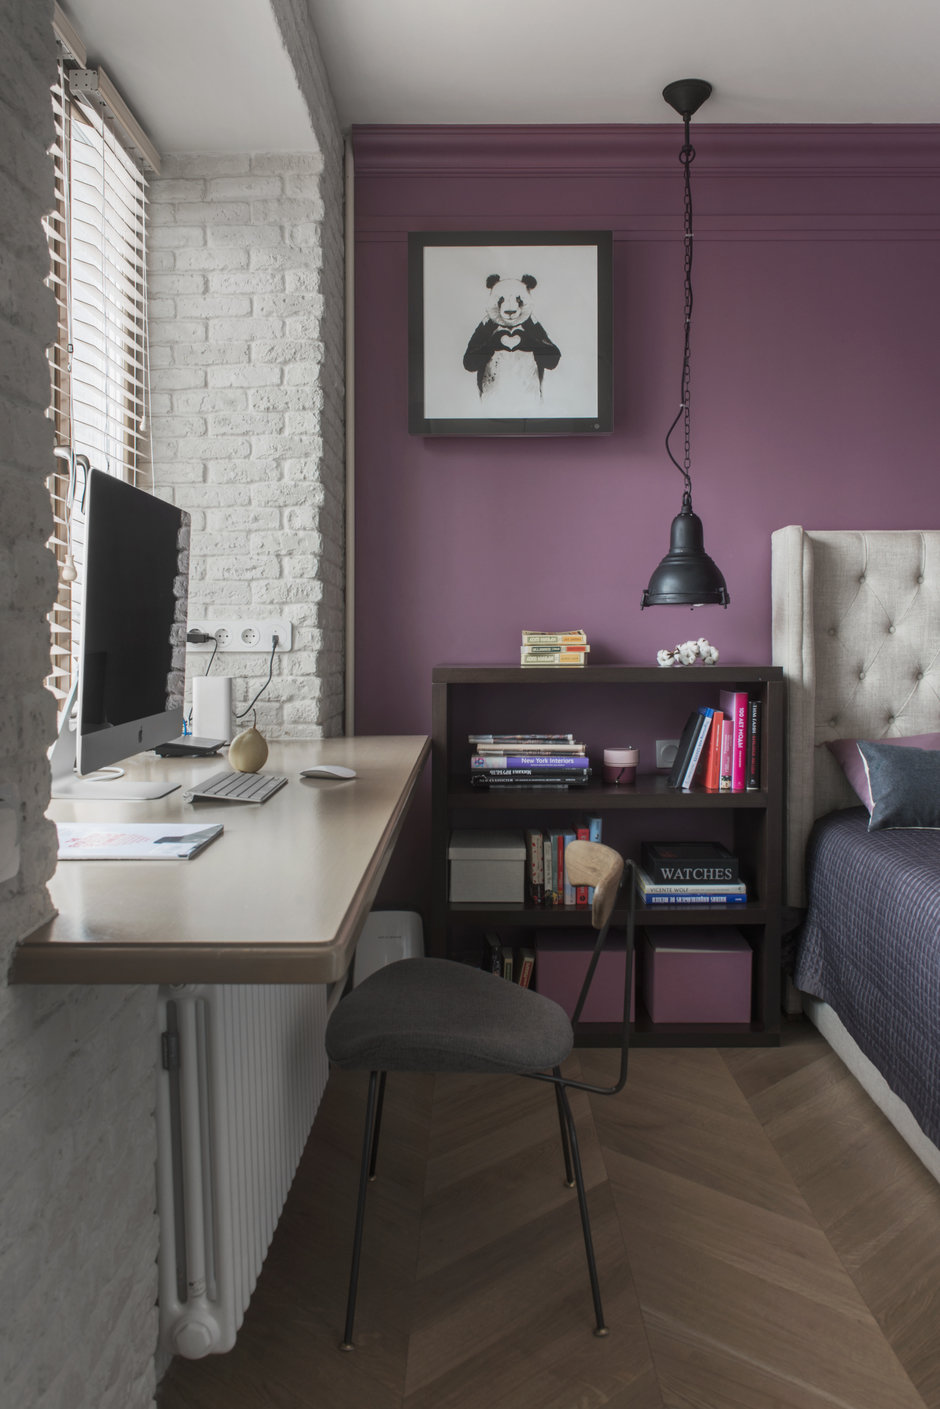 Фотография: в стиле , Квартира, Проект недели, Москва, Кирпичный дом, 3 комнаты, 40-60 метров, Маша Кунякина – фото на InMyRoom.ru